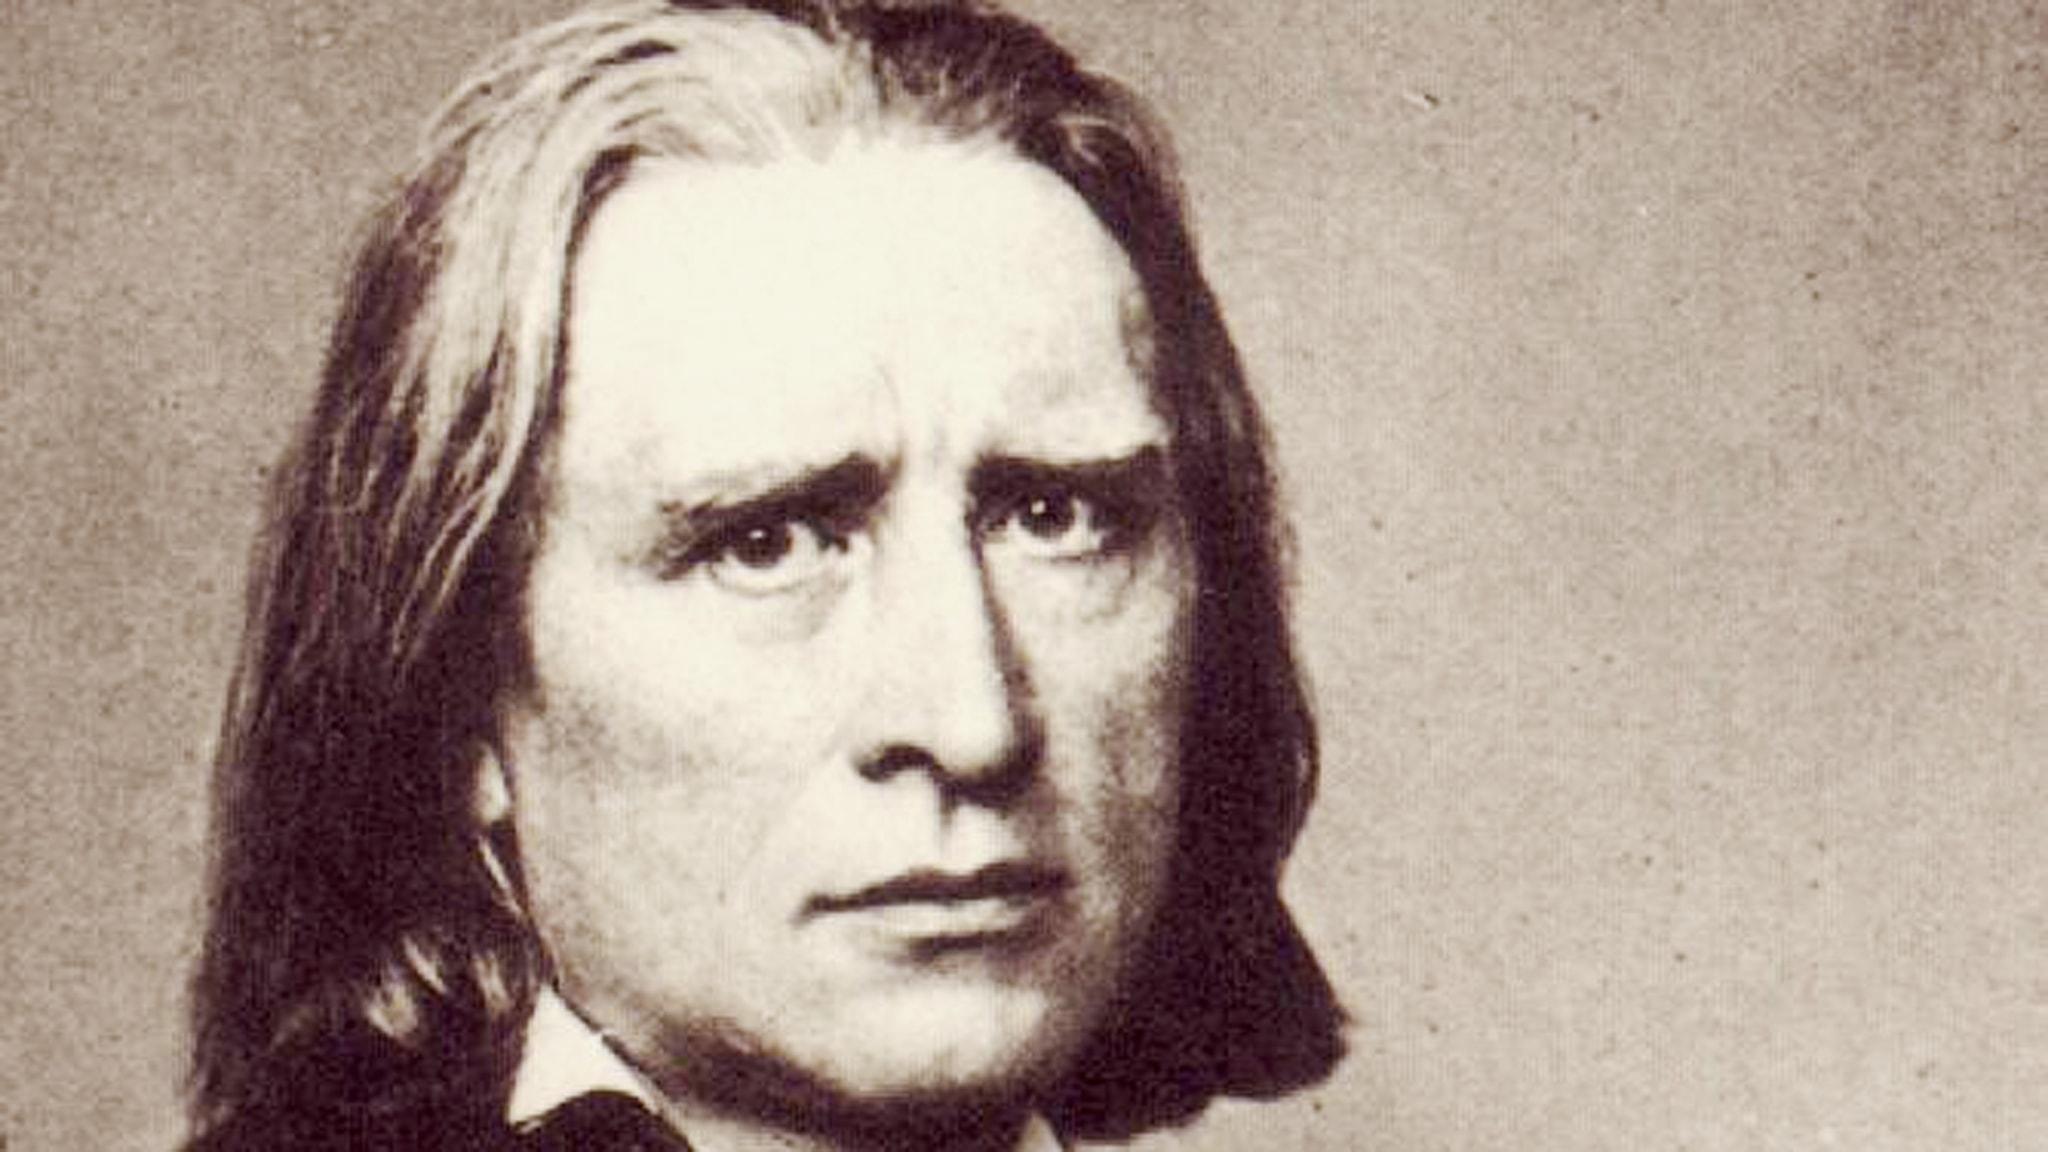 Megastjärnan Franz Liszt del 1